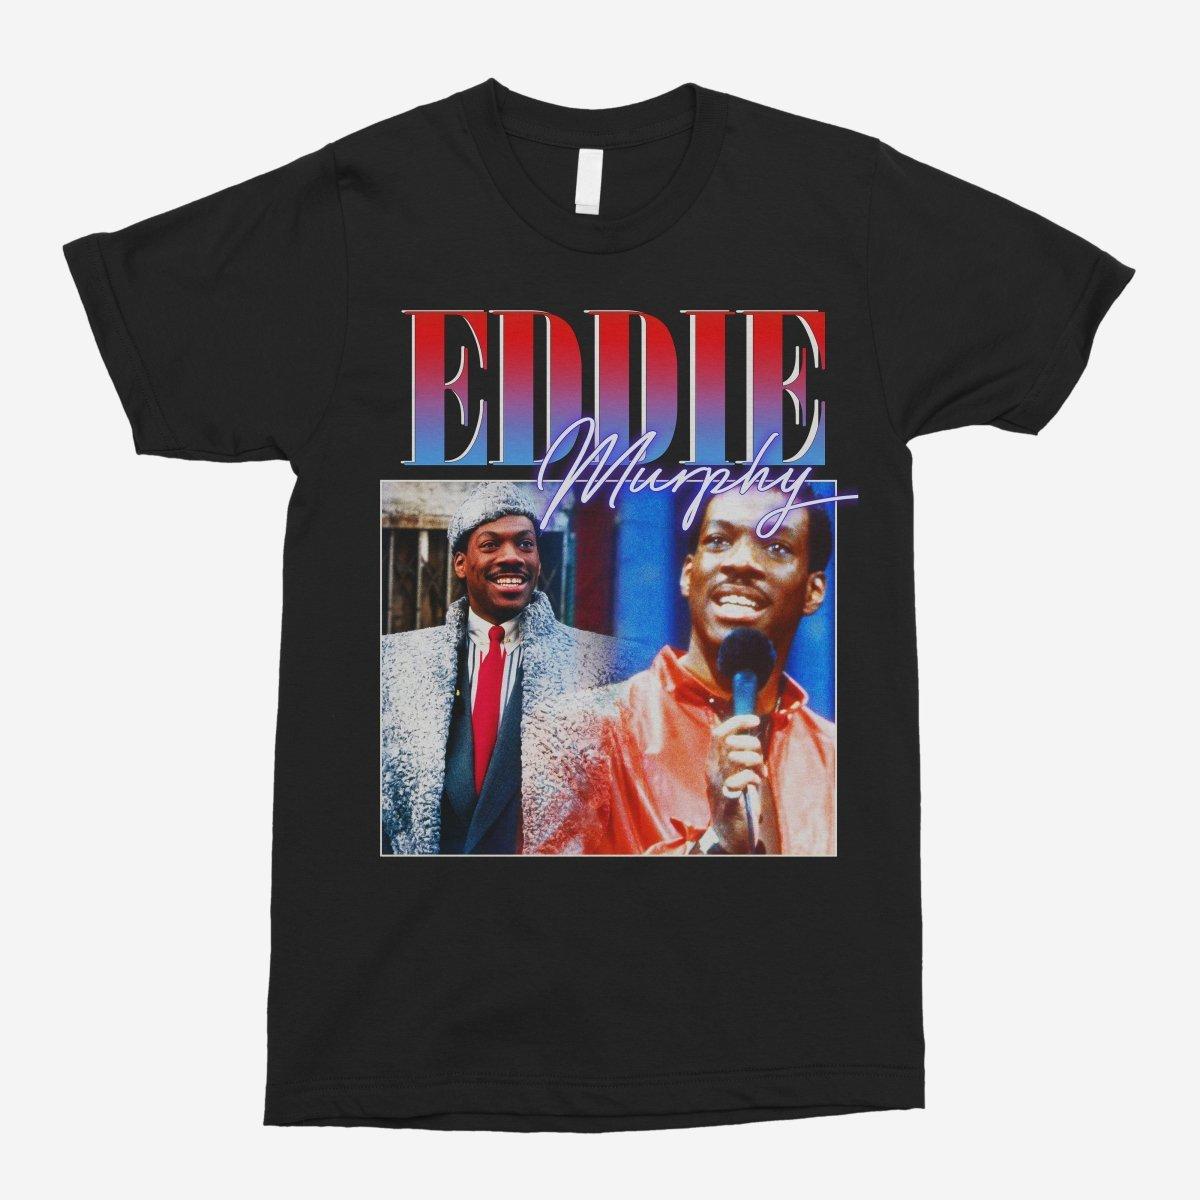 Eddie Murphy Vintage Unisex T-Shirt